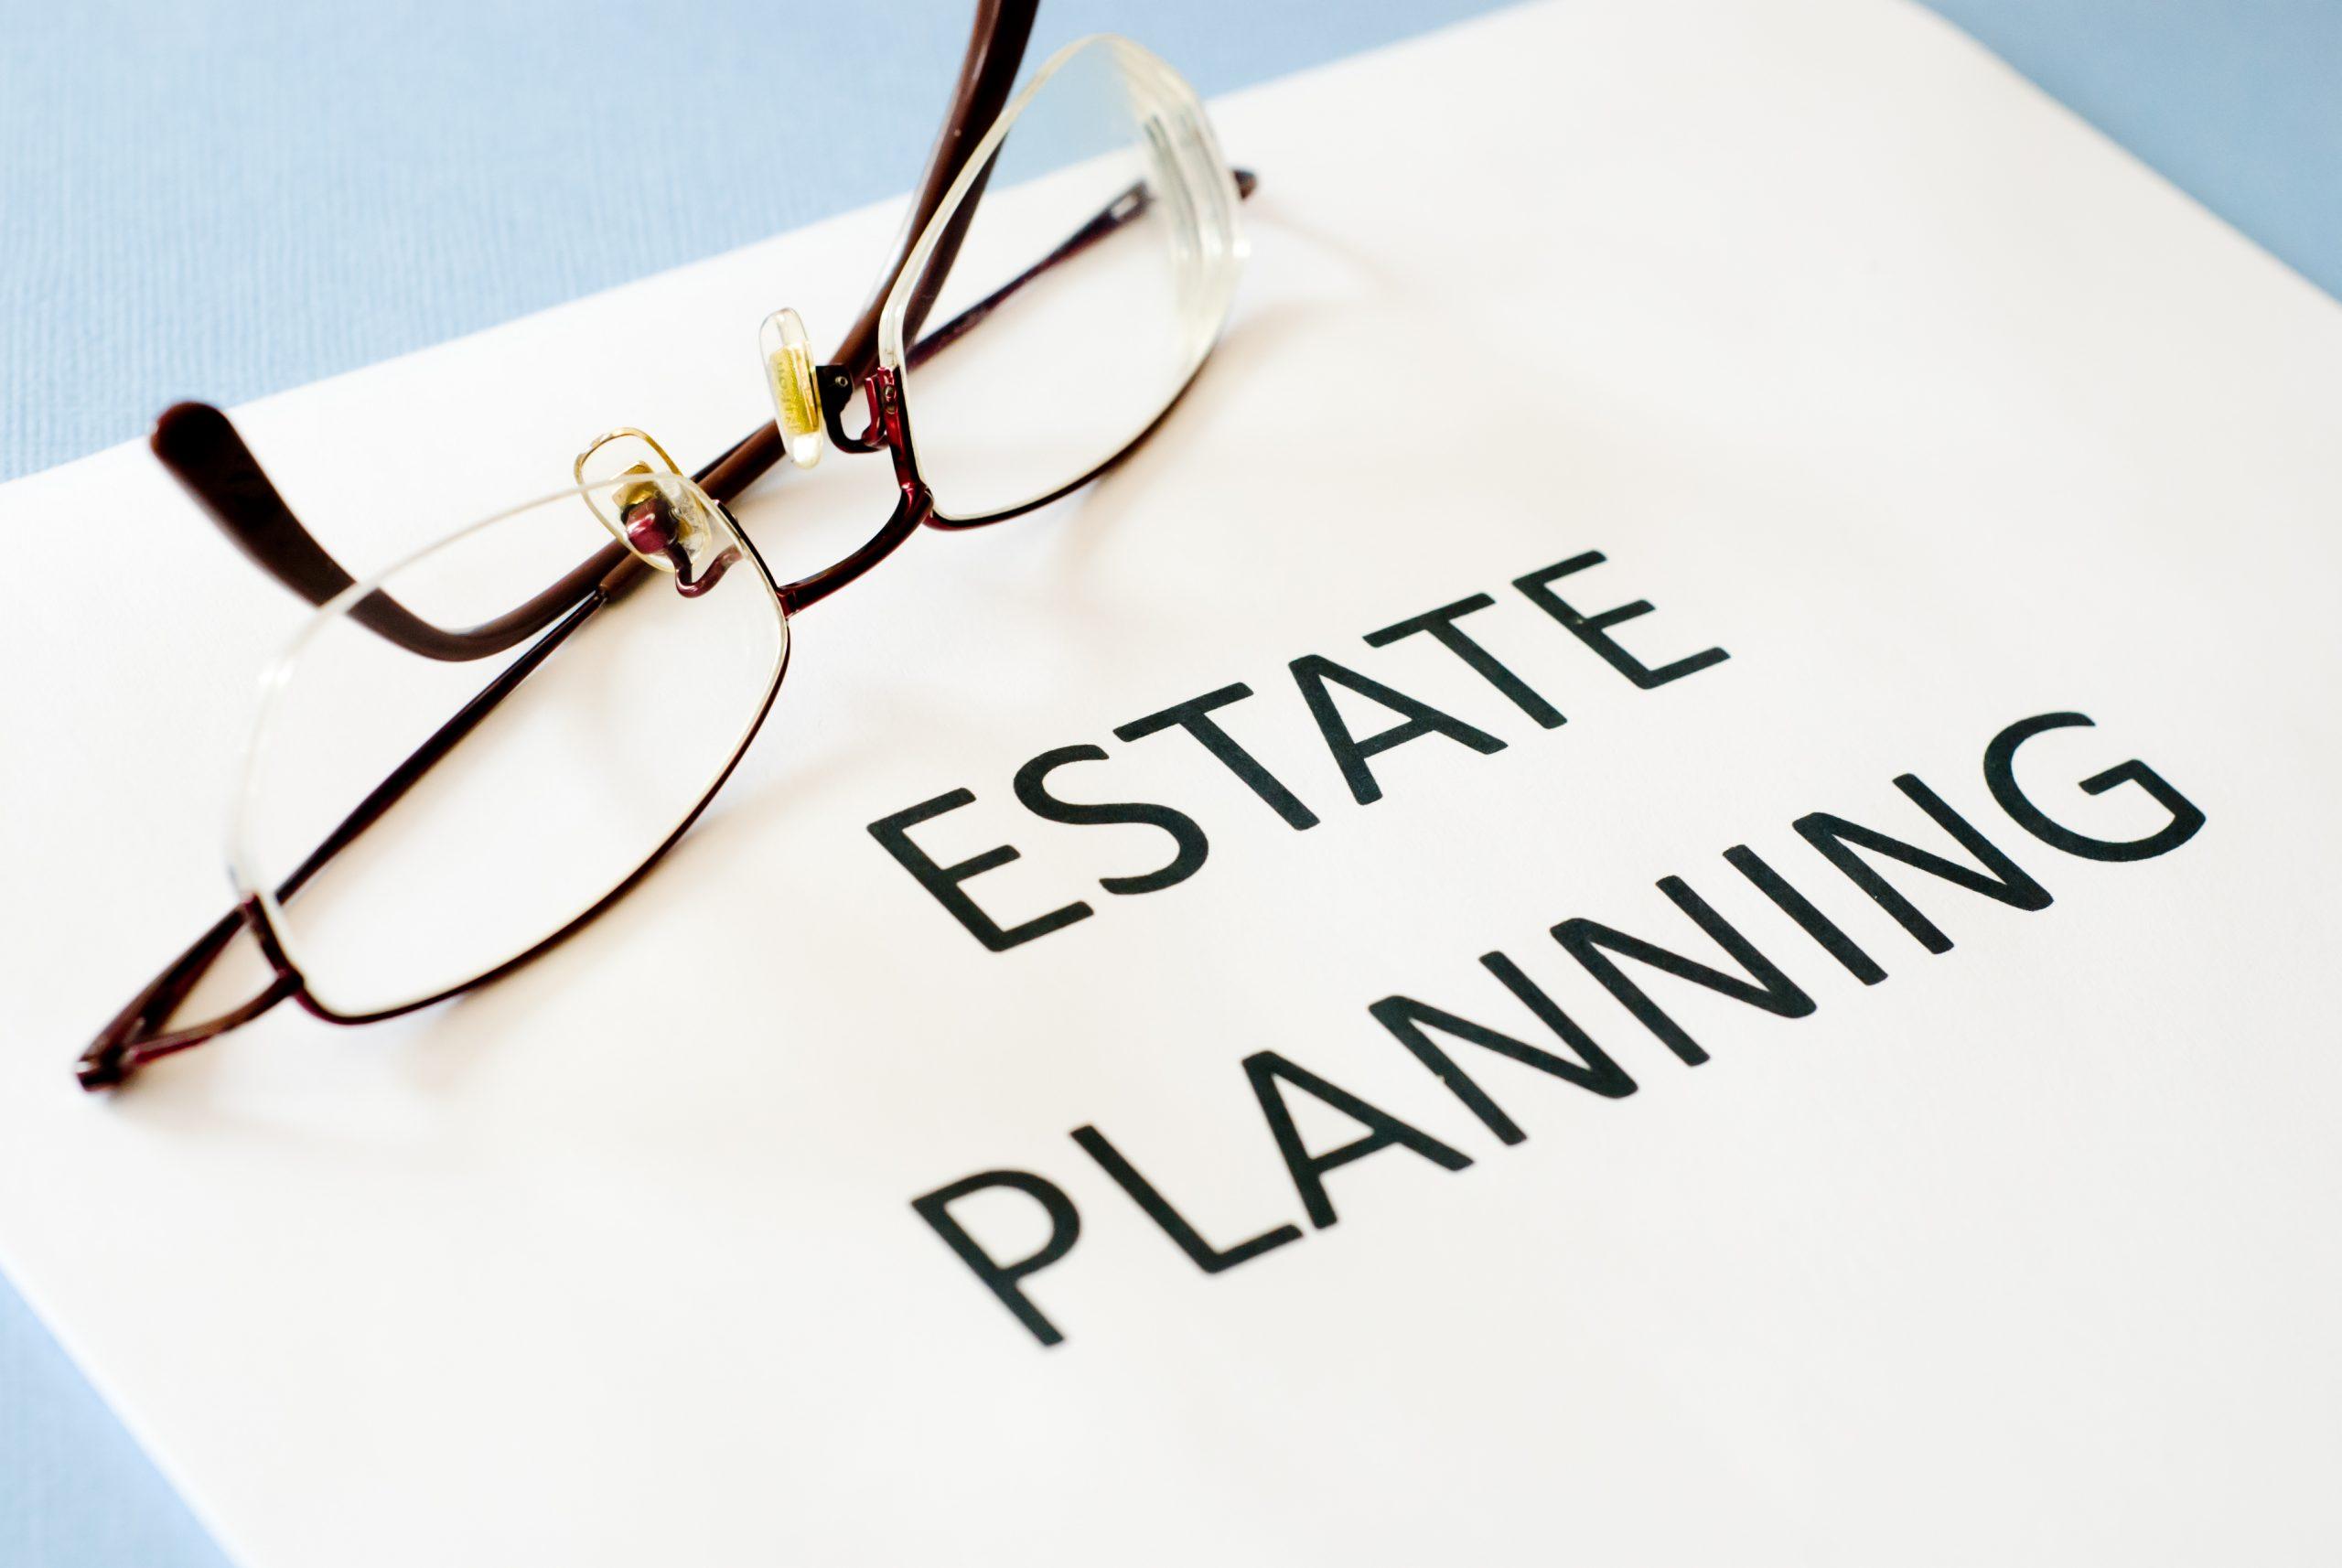 Mesa estate planning attorney